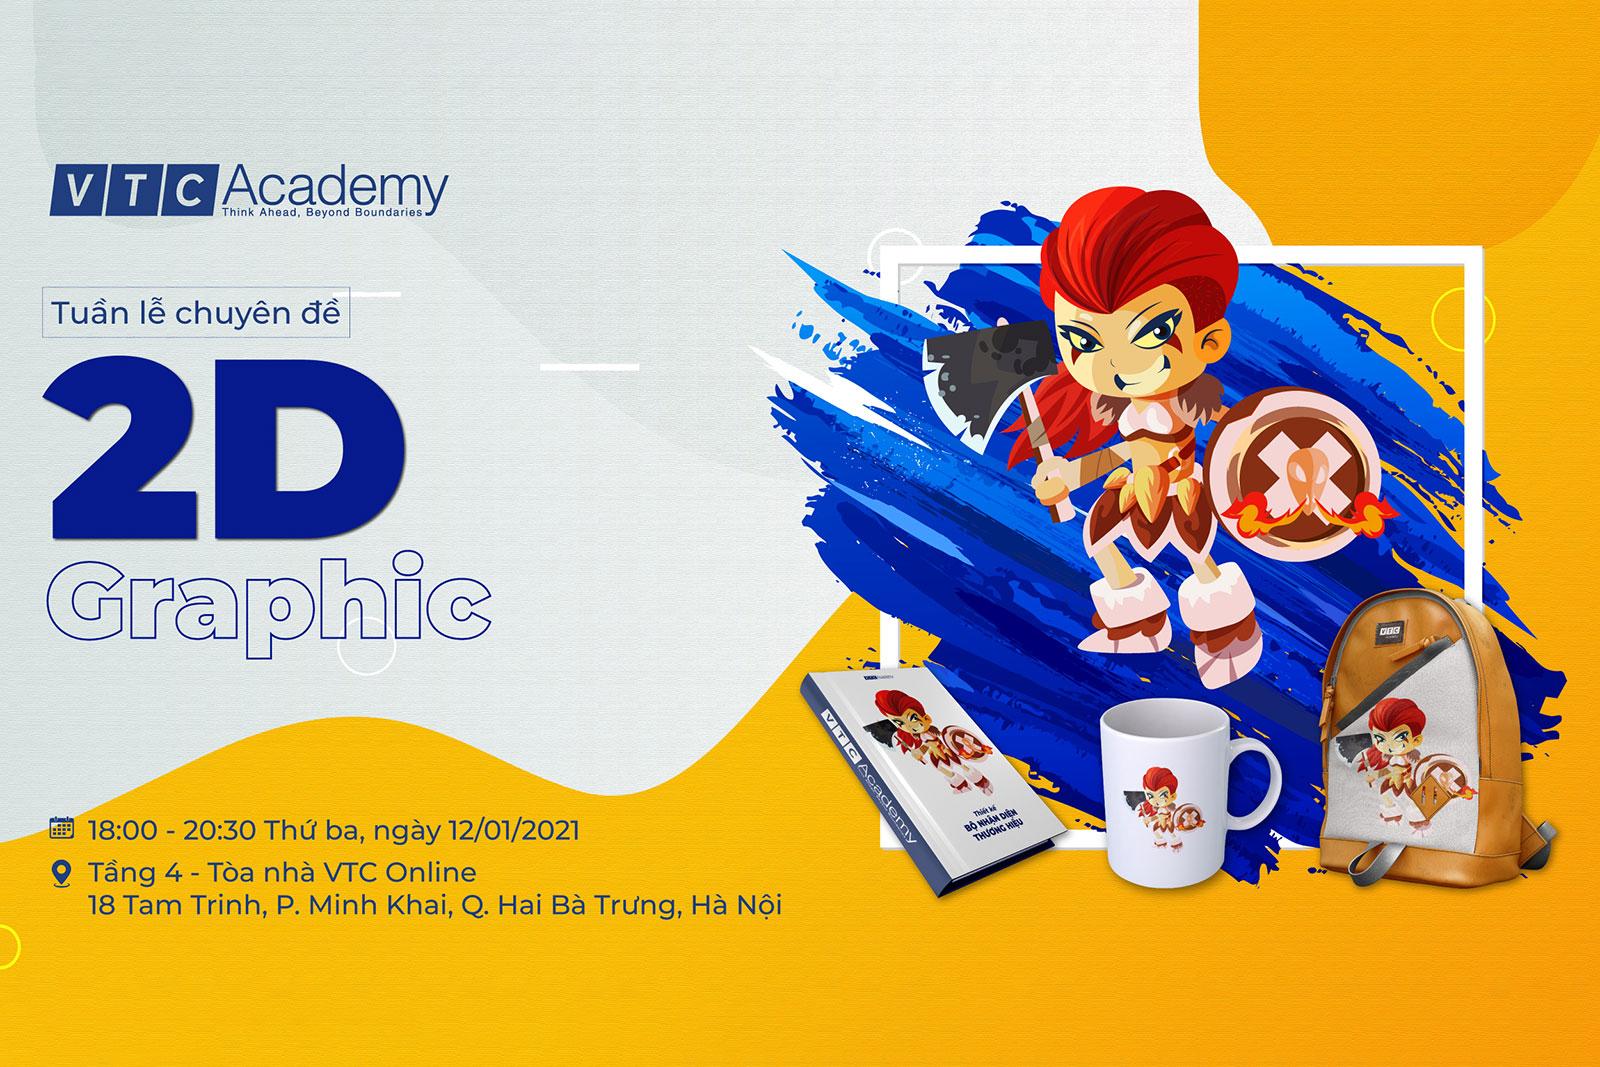 Tuần lễ chuyên đề Thiết kế đồ họa 2D tại Hà Nội